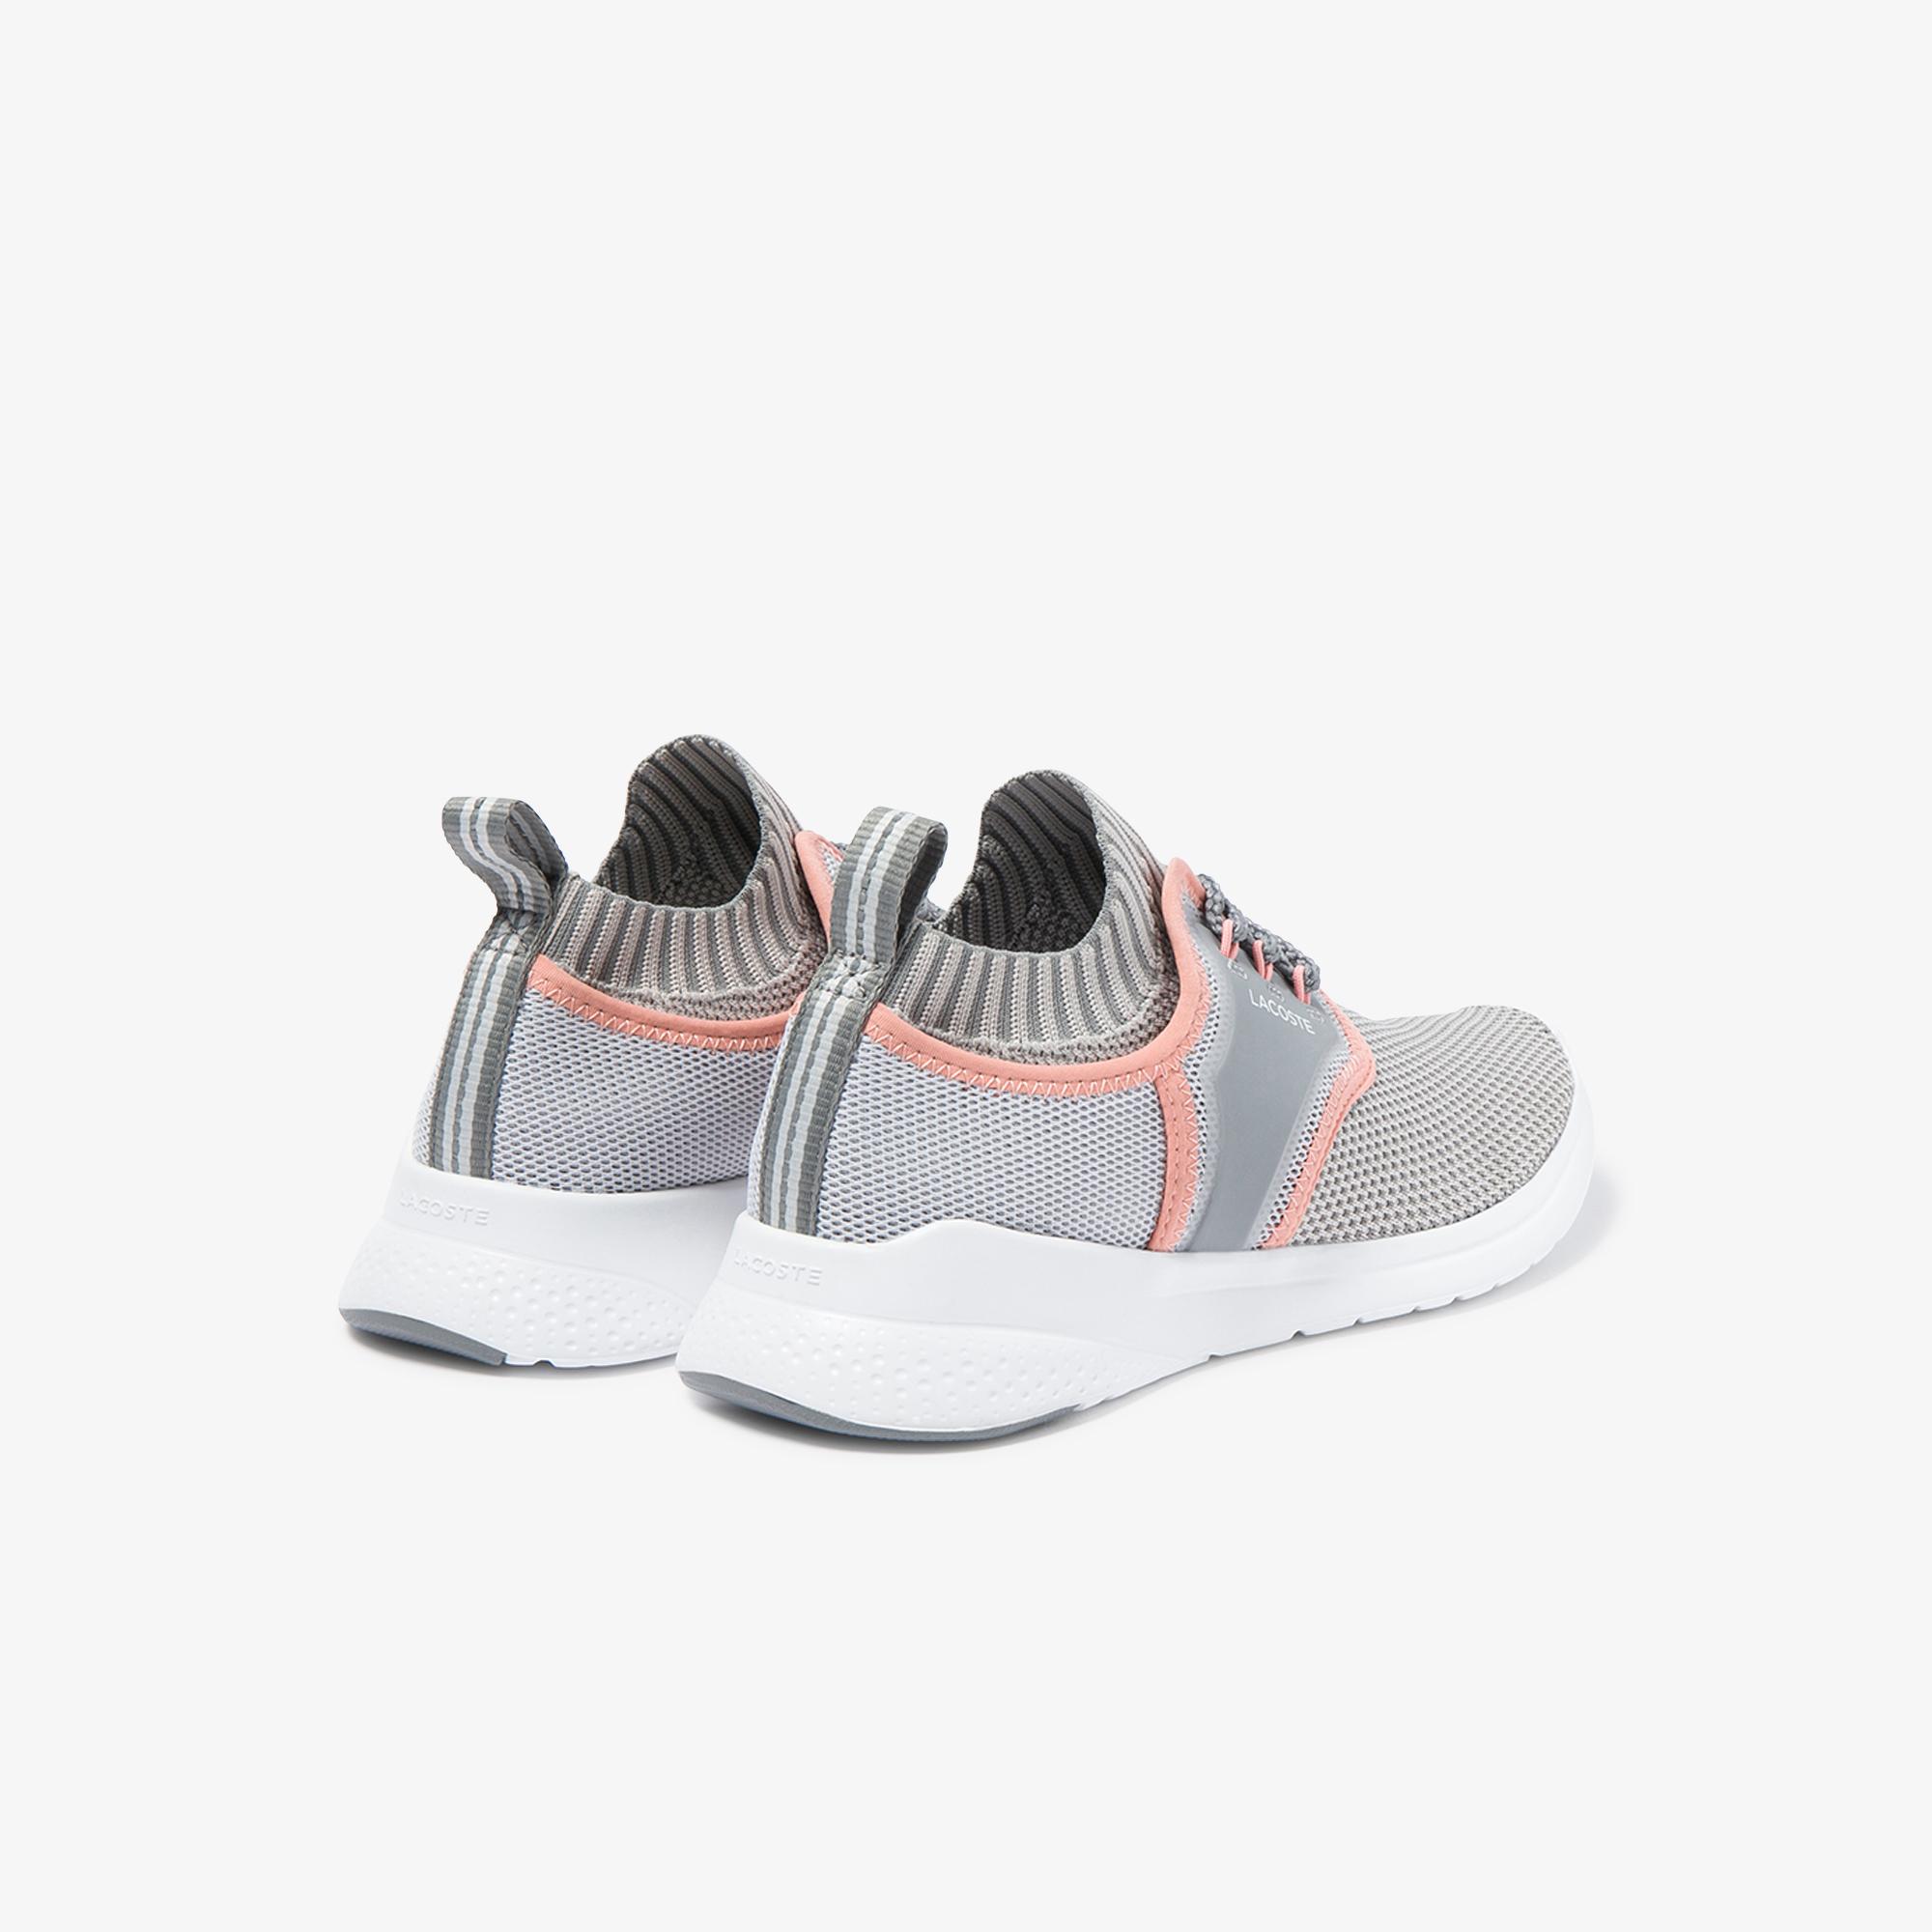 Lacoste Women's Lt Sense Reflective Textile Sneakers